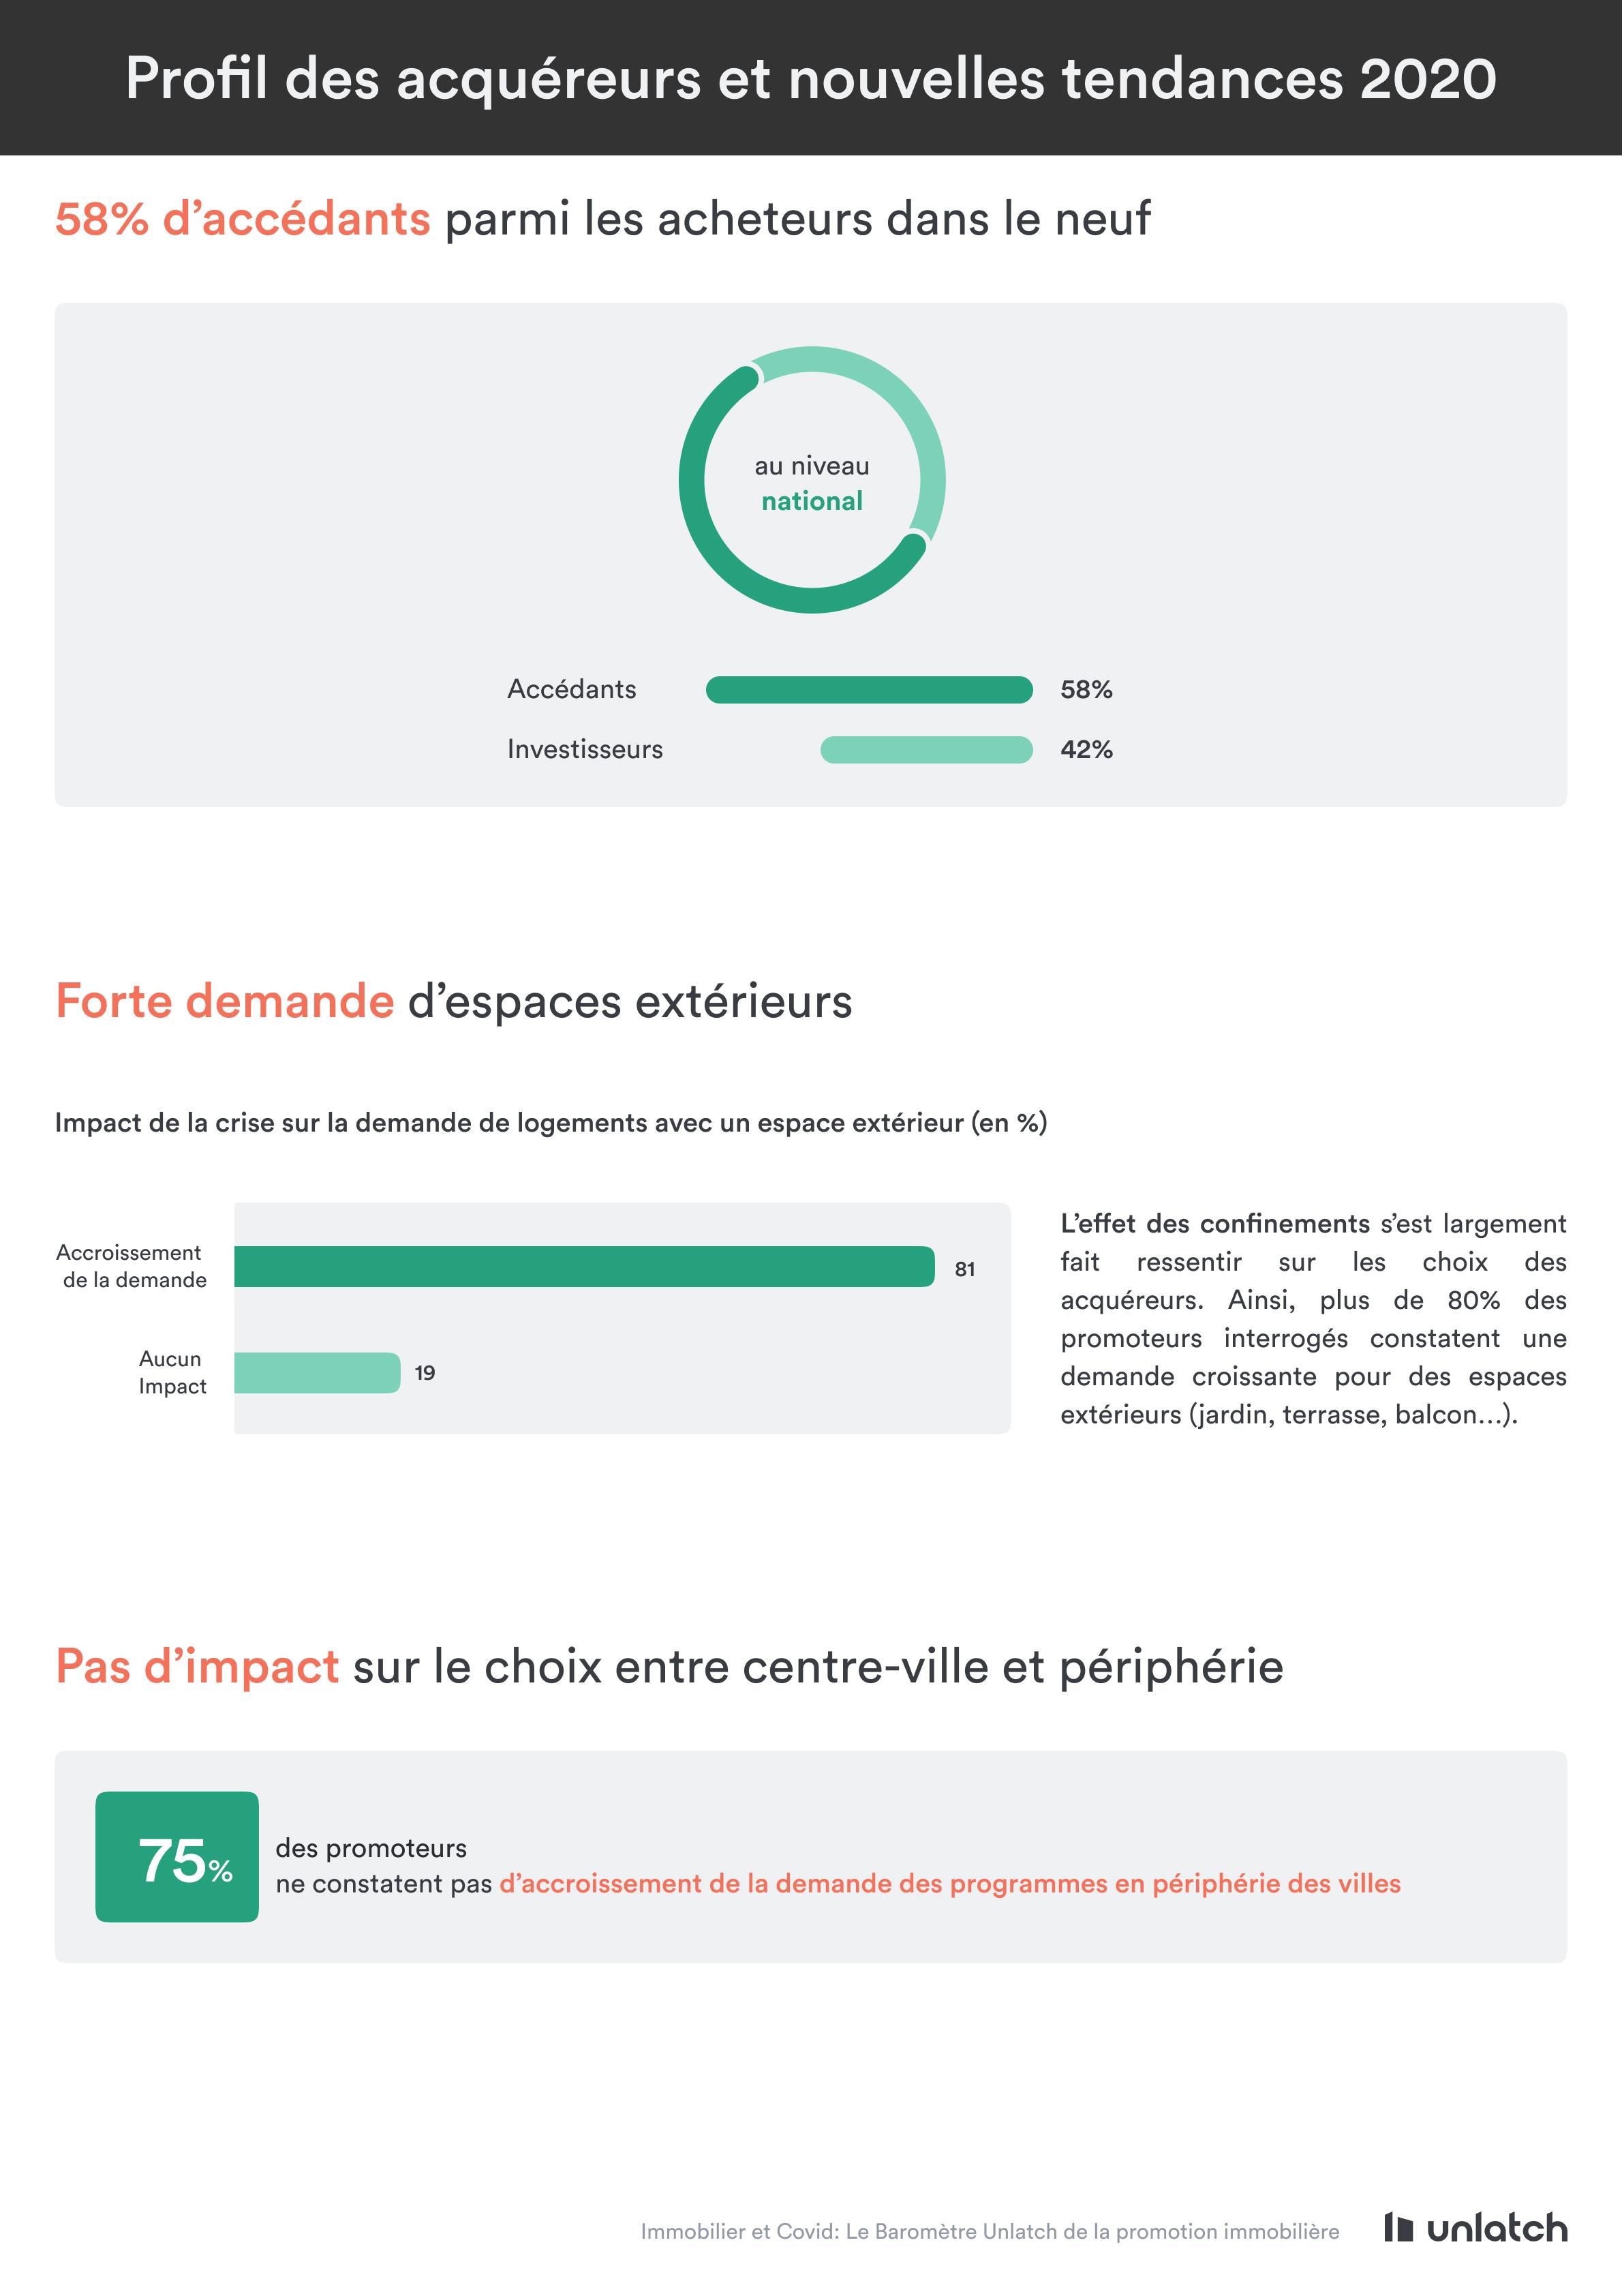 profils des acquéreurs et nouvelles tendances